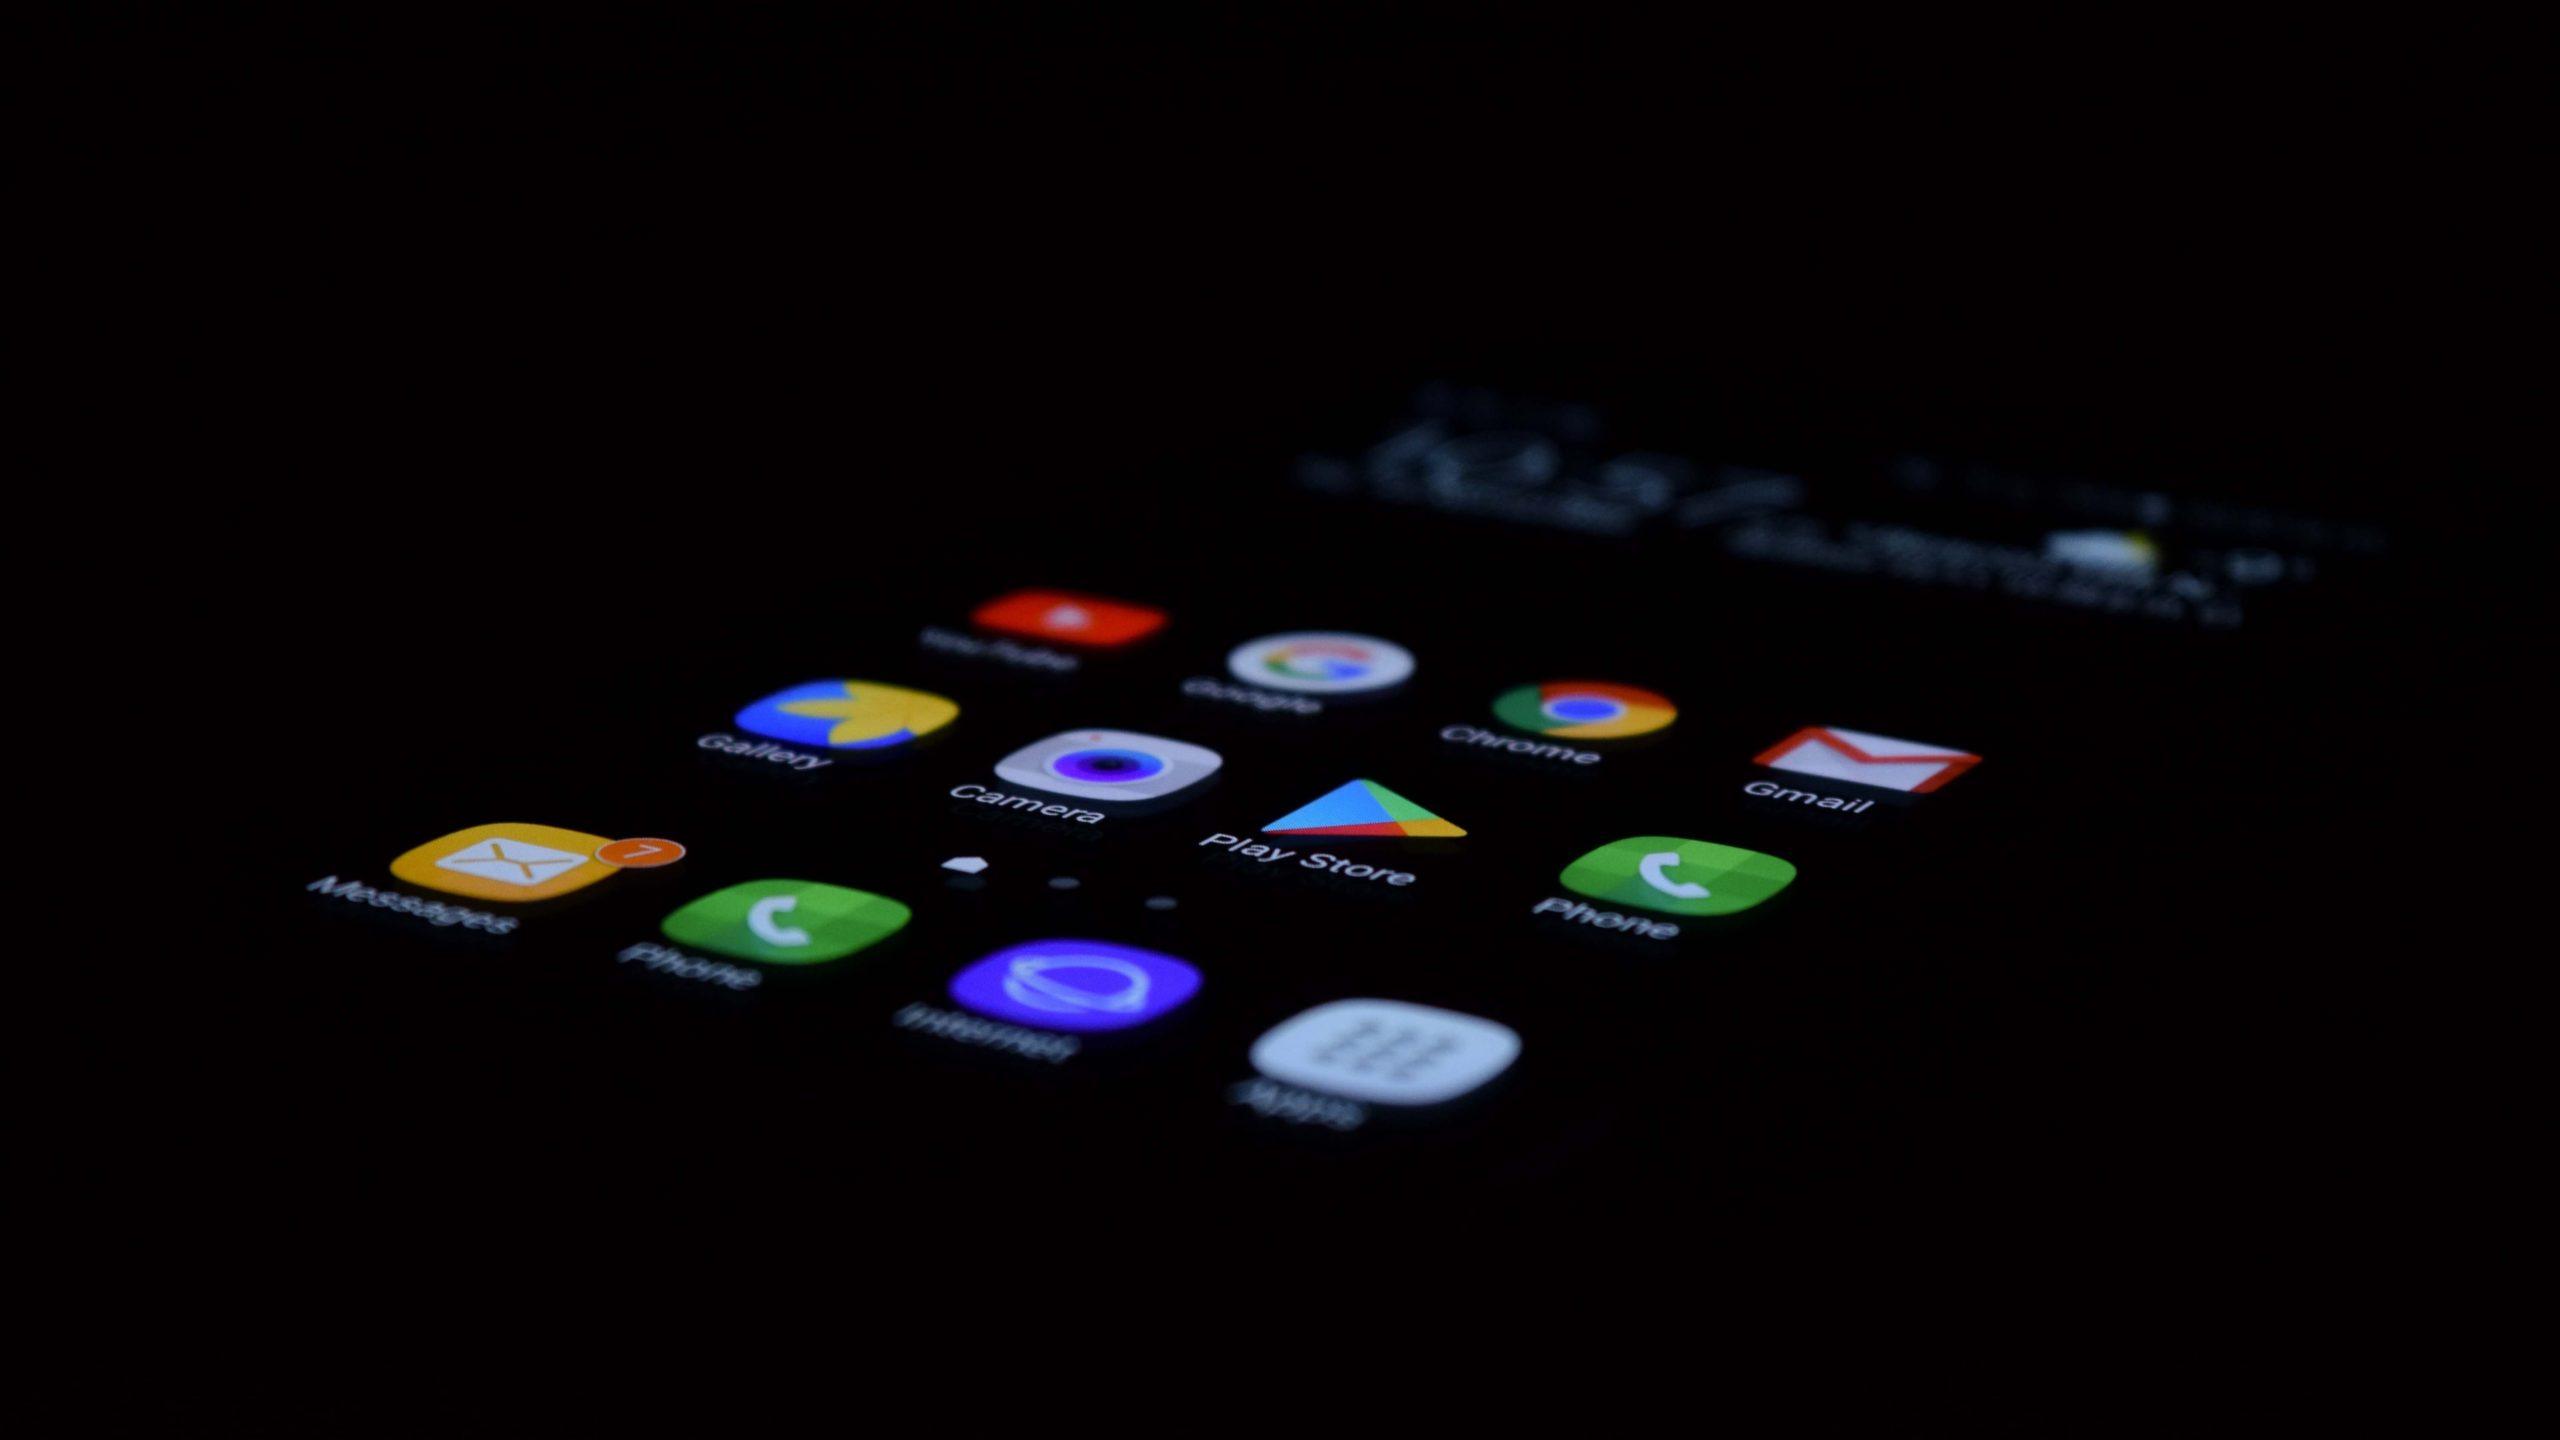 Le migliori app Android per lavorare